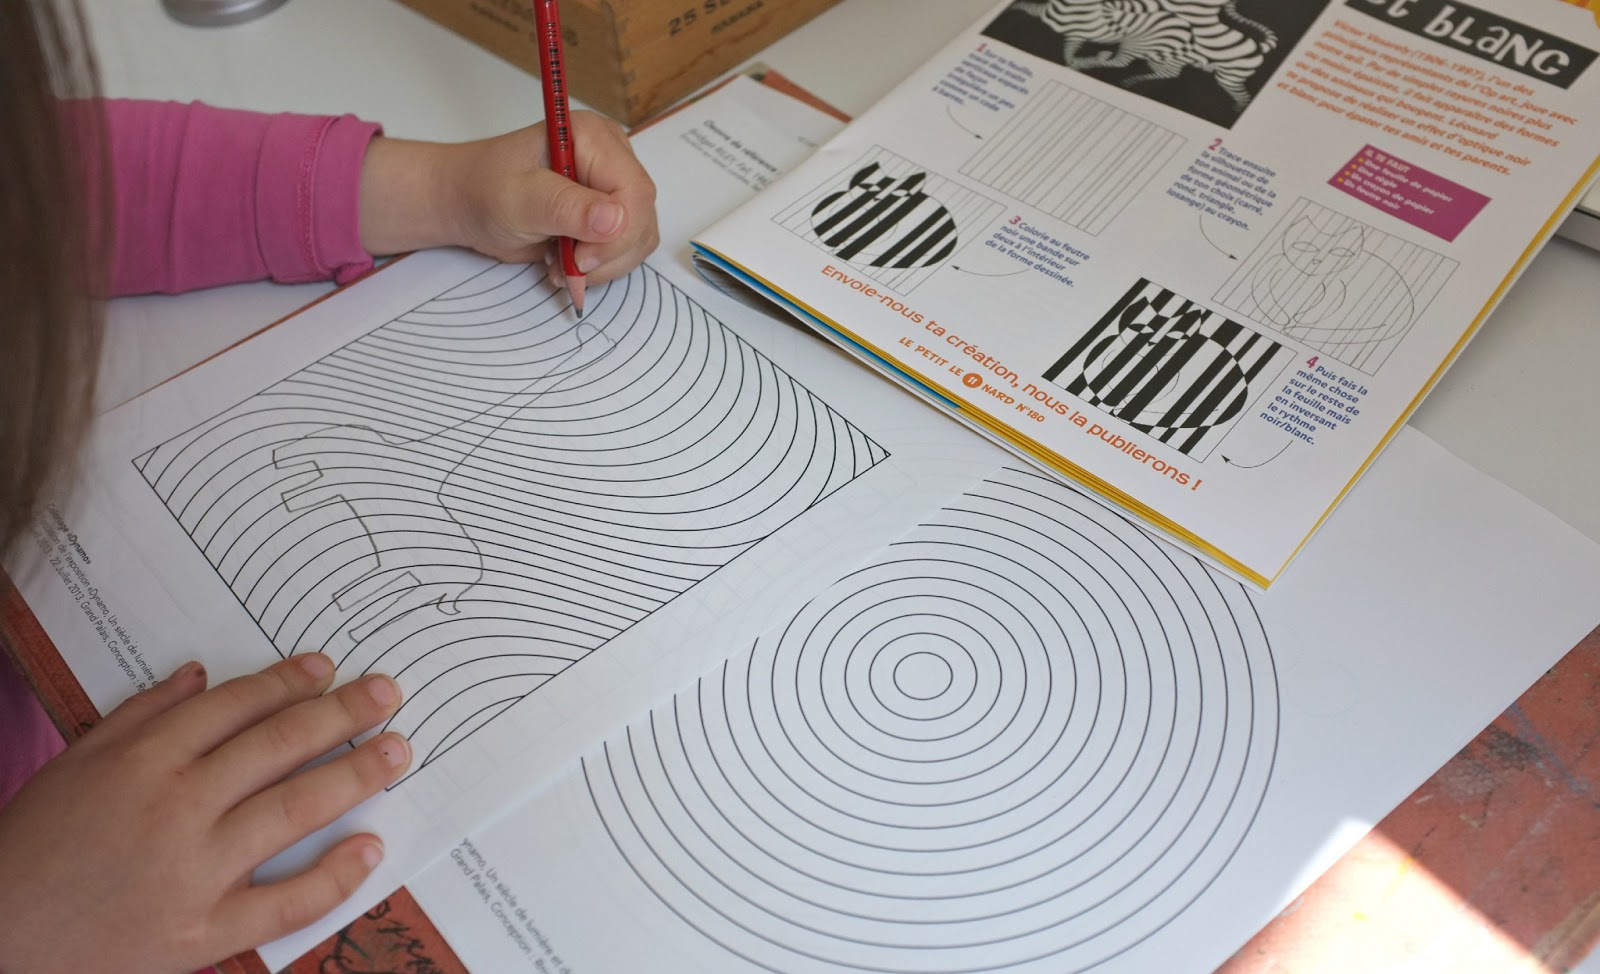 Julie adore dimanche dessin avec de l 39 illusion optique - Illusion optique dessin ...